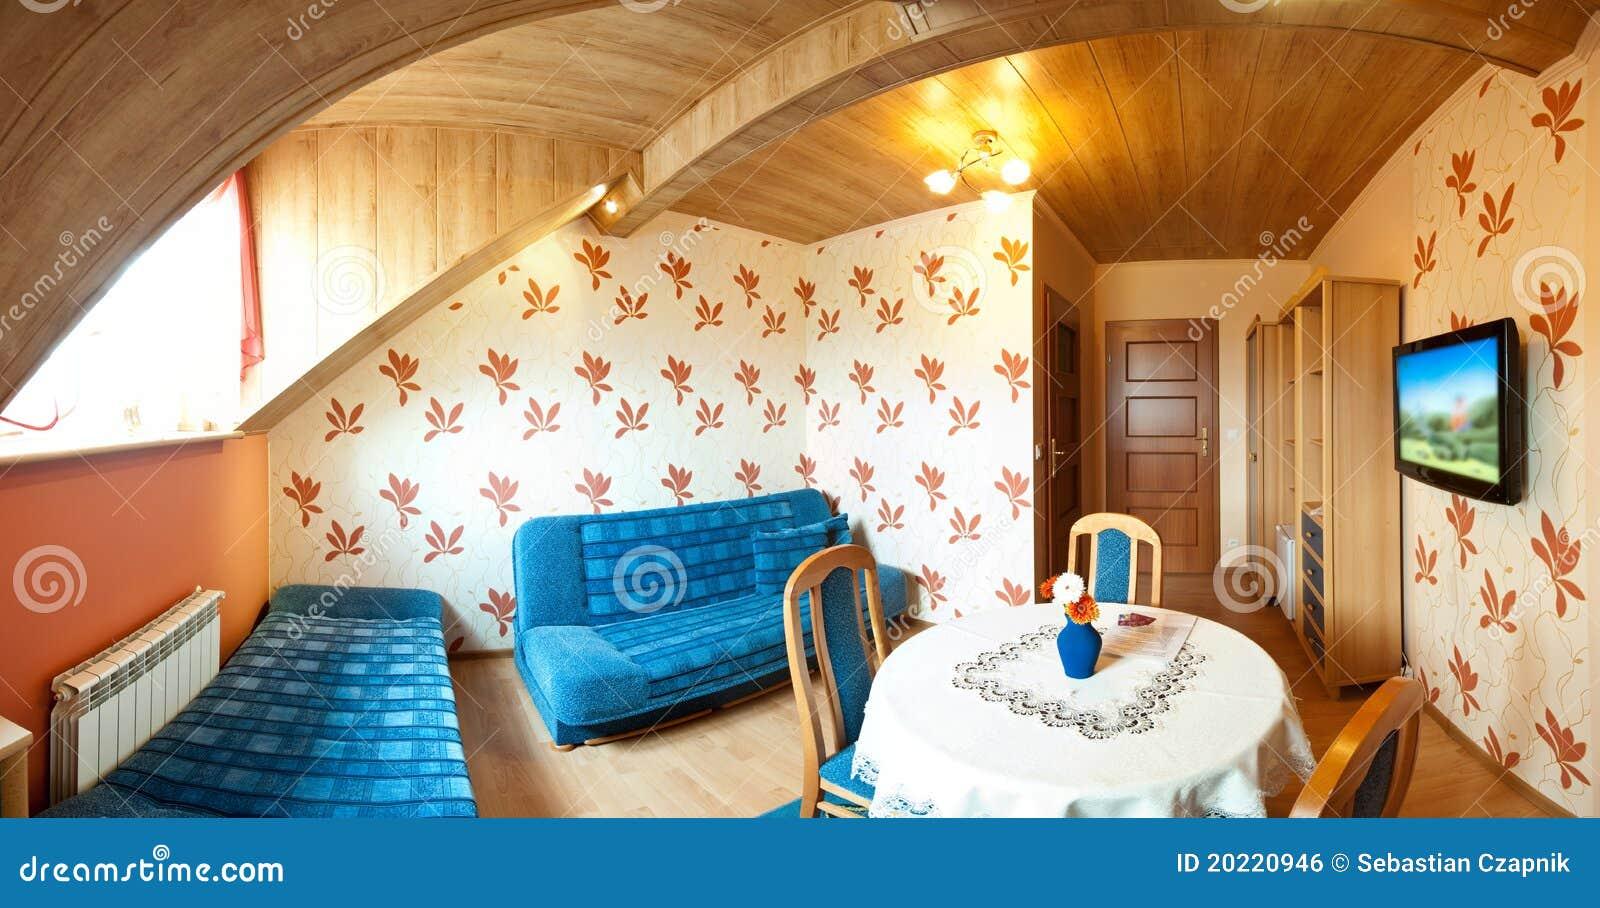 Piccola camera da letto in un hotel fotografia stock for Caminetto piccola camera da letto